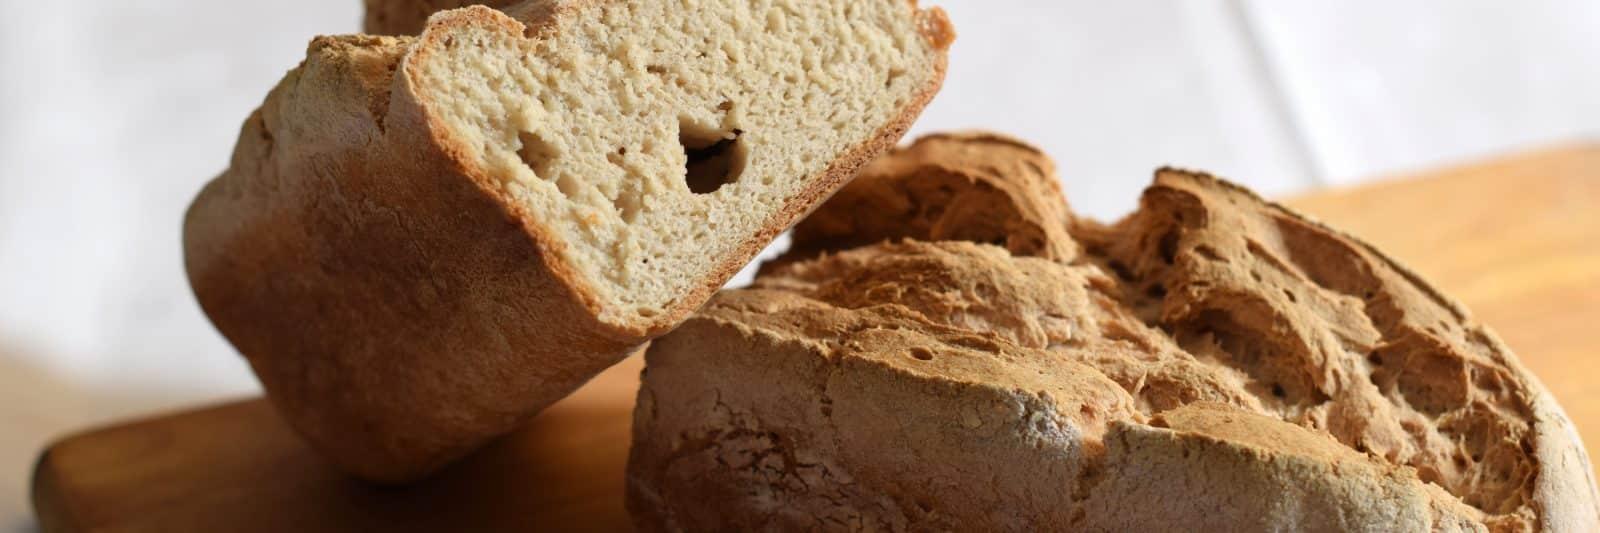 Glutenvrij brood bakken, 2 mooi gerezen glutenvrije broden opgestapeld op een houten snijplank